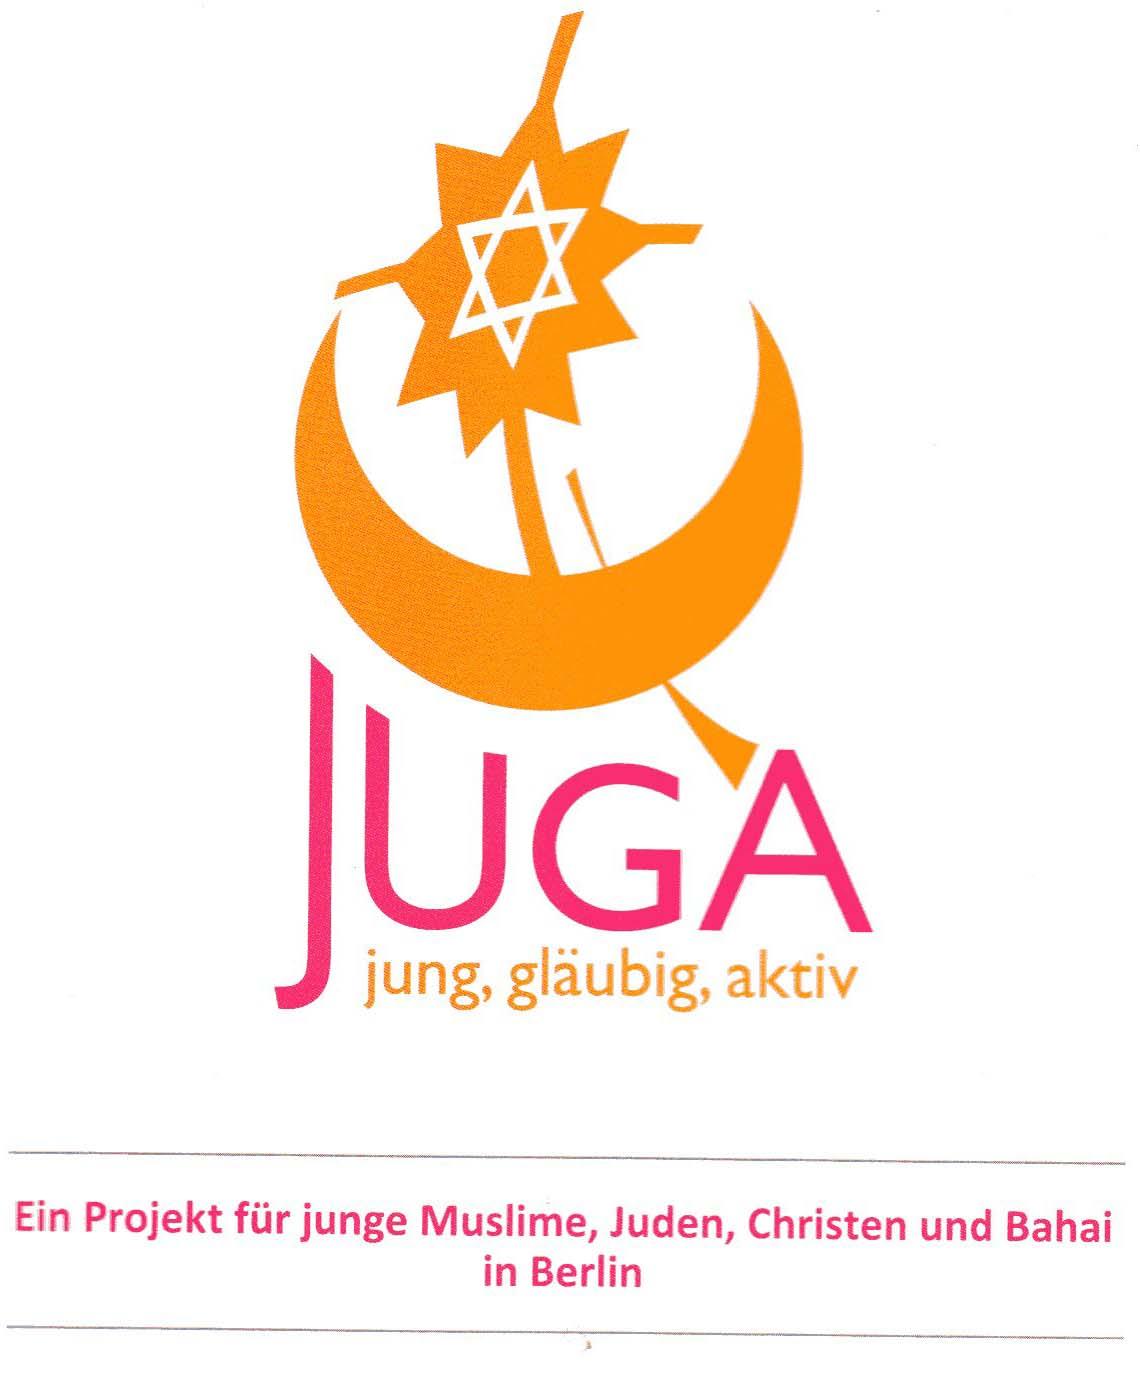 Symbol der Gruppe Juga (Jung, gläubig, aktiv) Copyright: Juga